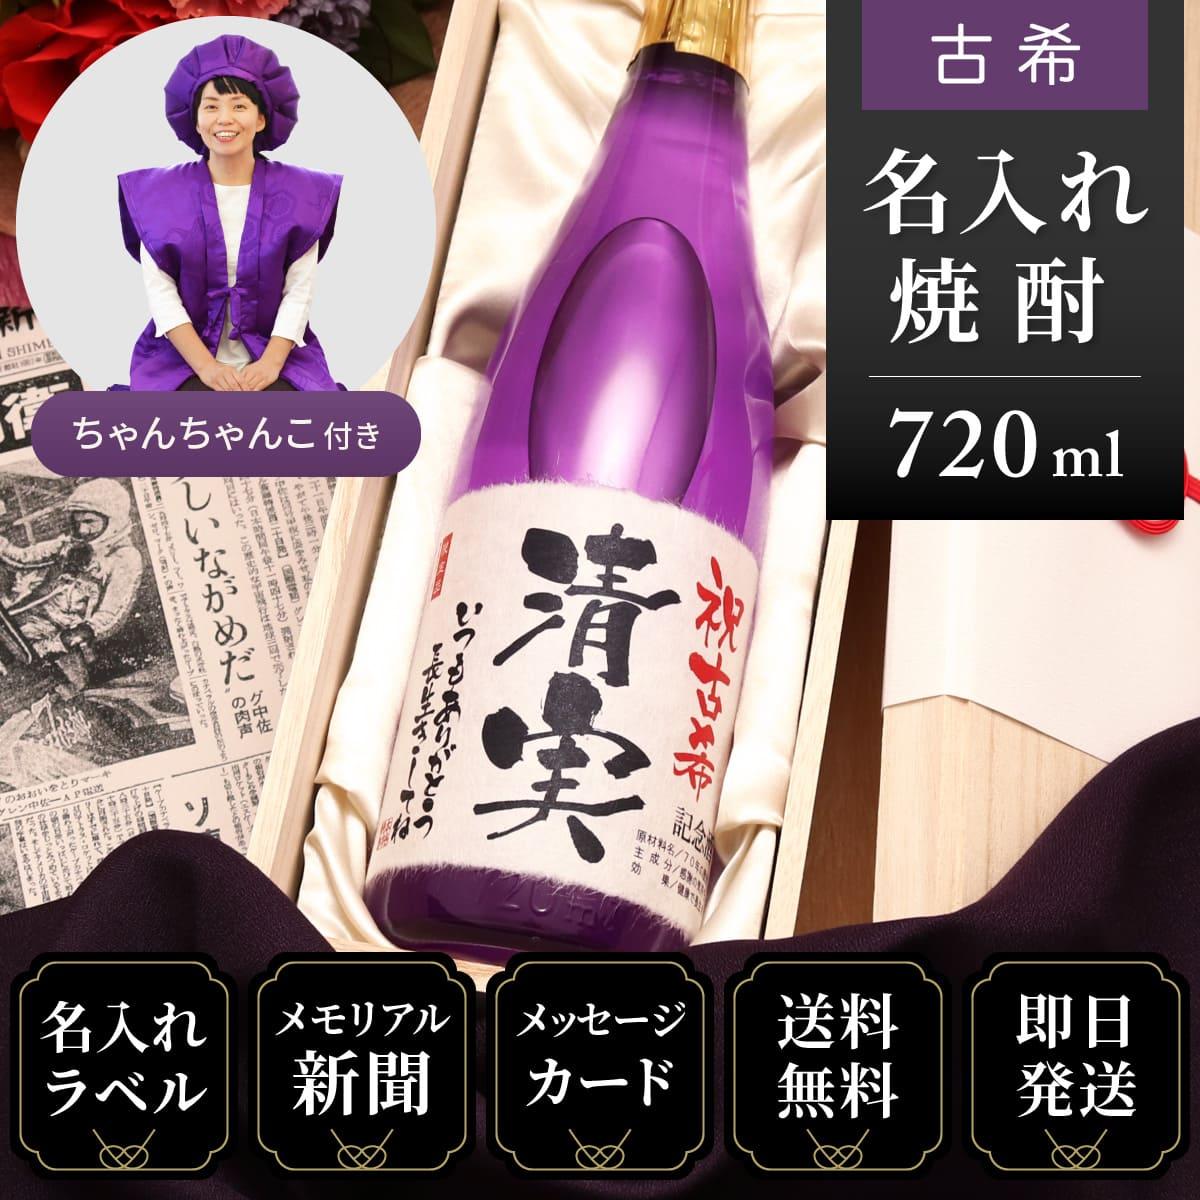 古希ちゃんちゃんこ(日本製)と紫瓶セット「華乃桔梗」720ml(酒粕焼酎)